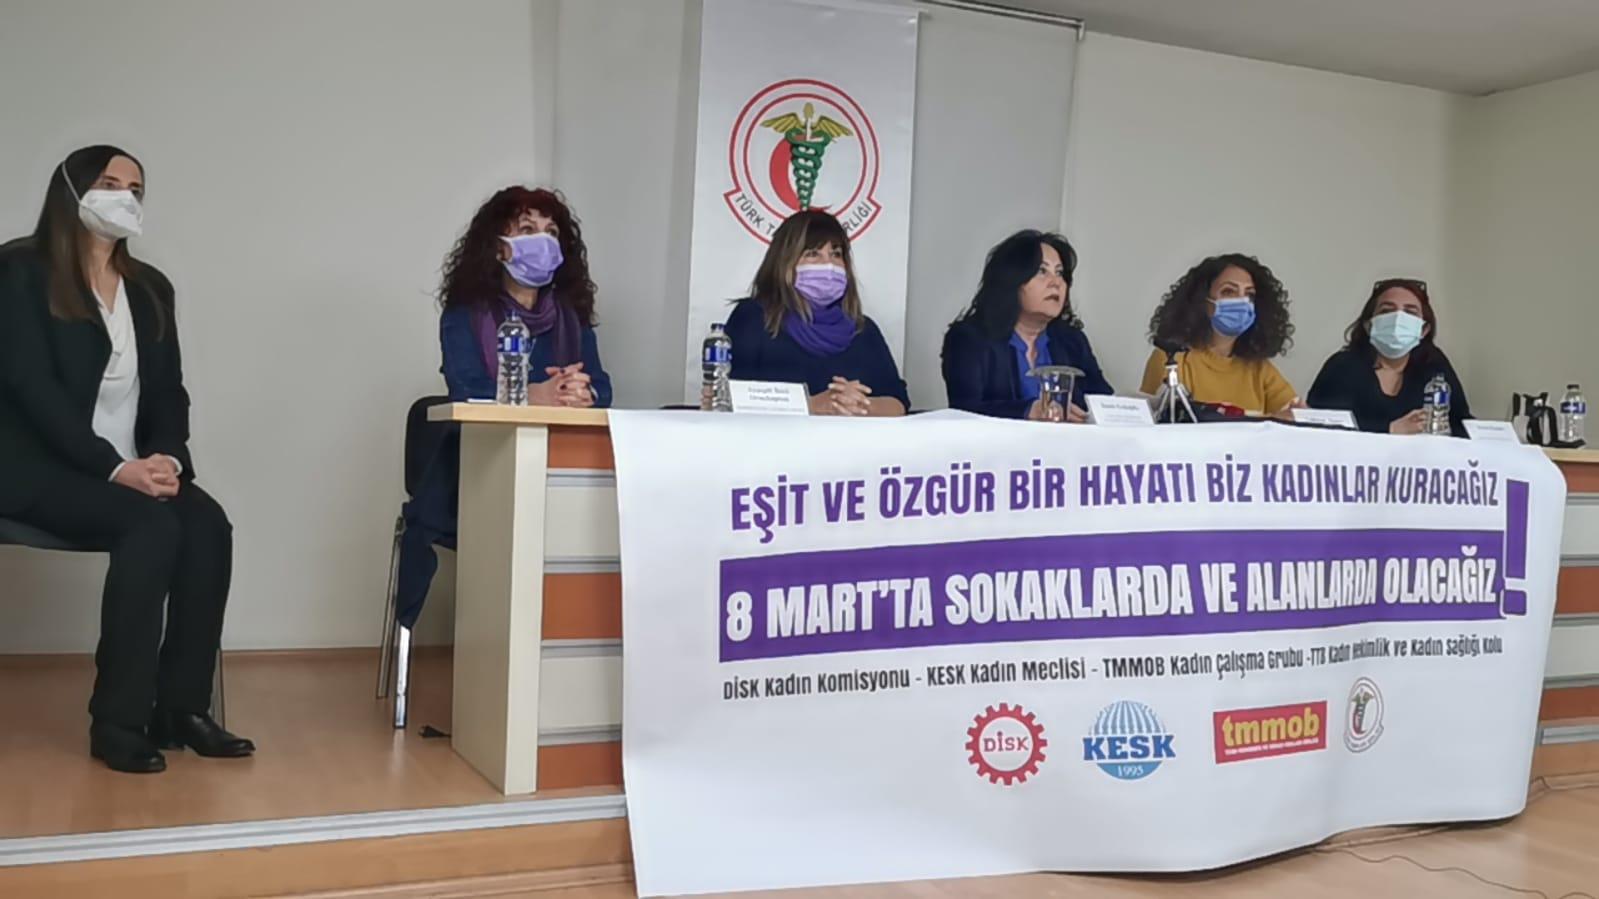 KESK Kadın Meclisi, DİSK Kadın Komisyonu, TMMOB Kadın Çalışma Grubu, TTB Kadın Hekimlik ve Kadın Sağlığı Kolu: Eşit ve Özgür Bir Hayatı Biz Kadınlar Kuracağız, 8 Mart'ta Sokaklarda ve Alanlarda Olacağız